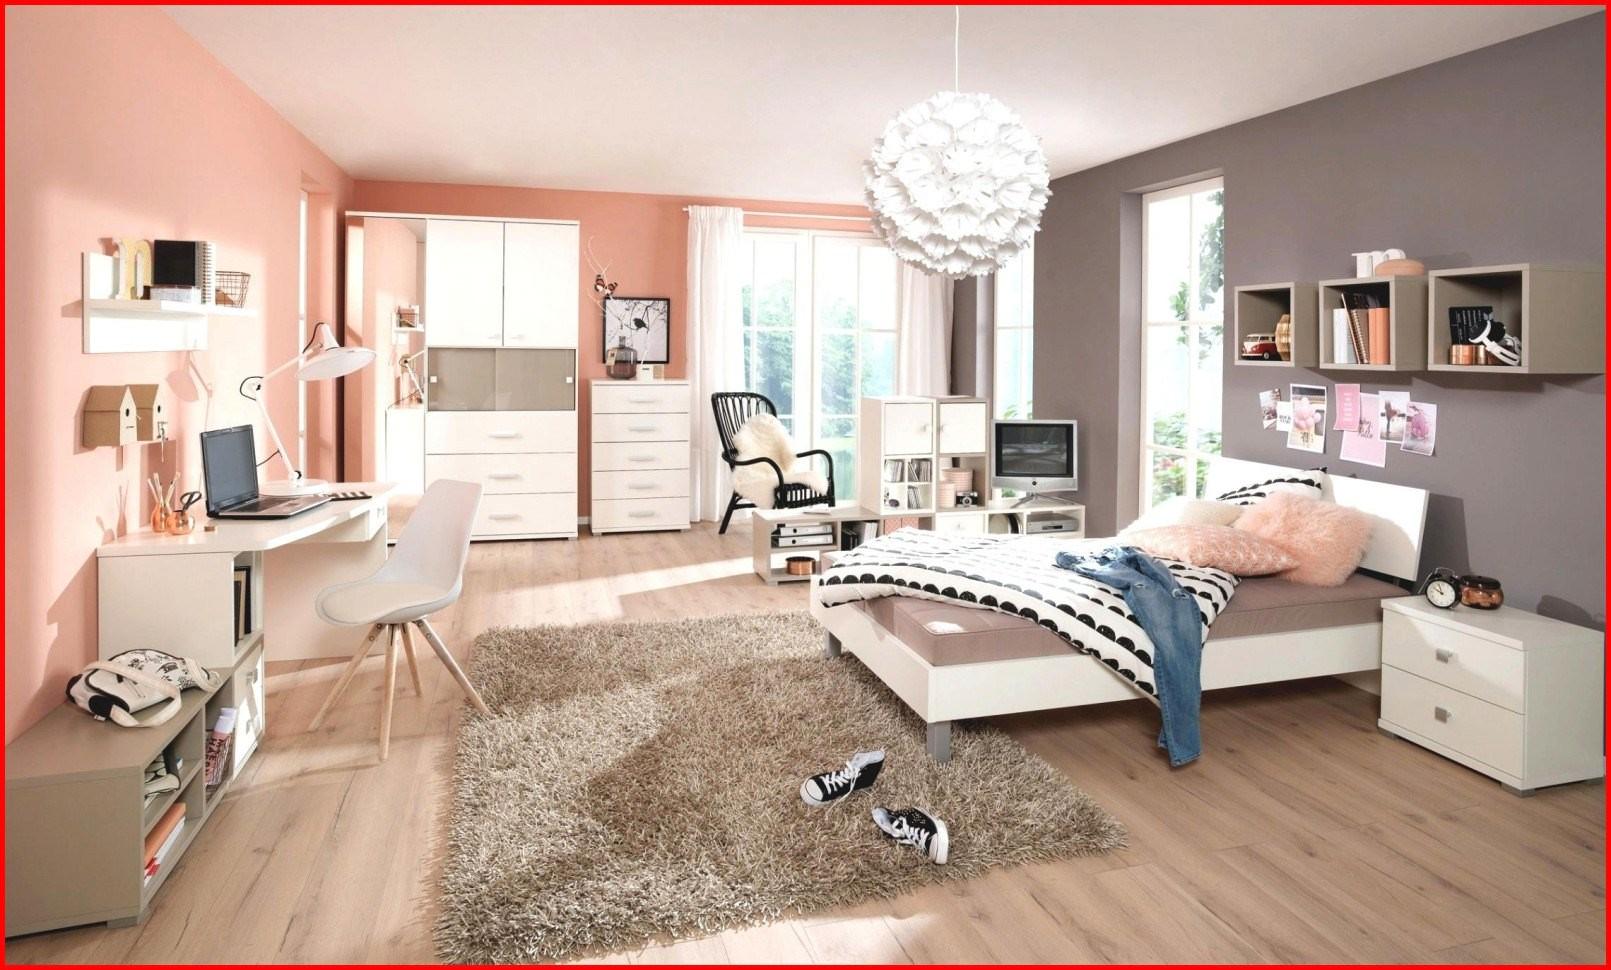 Full Size of Jugendzimmer Fur Madchen Ikea Miniküche Küche Kaufen Sofa Kosten Bett Modulküche Mit Schlaffunktion Betten Bei 160x200 Wohnzimmer Jugendzimmer Ikea